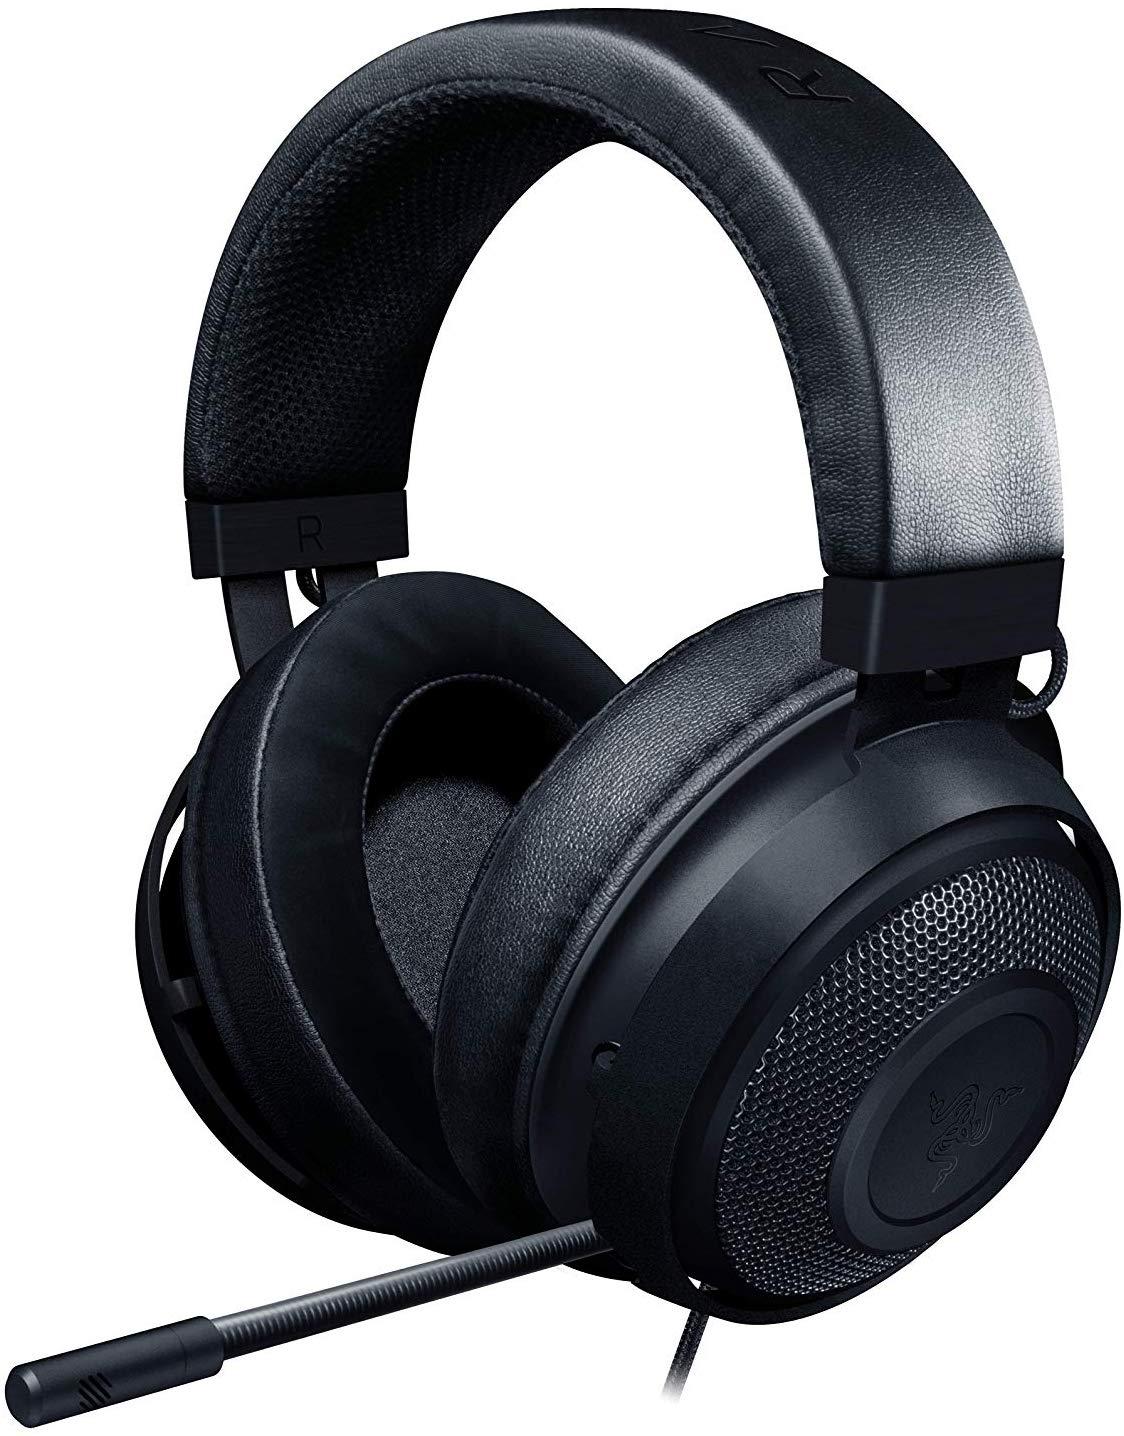 Razer Kraken Gaming Headset (Zwart) voor €44